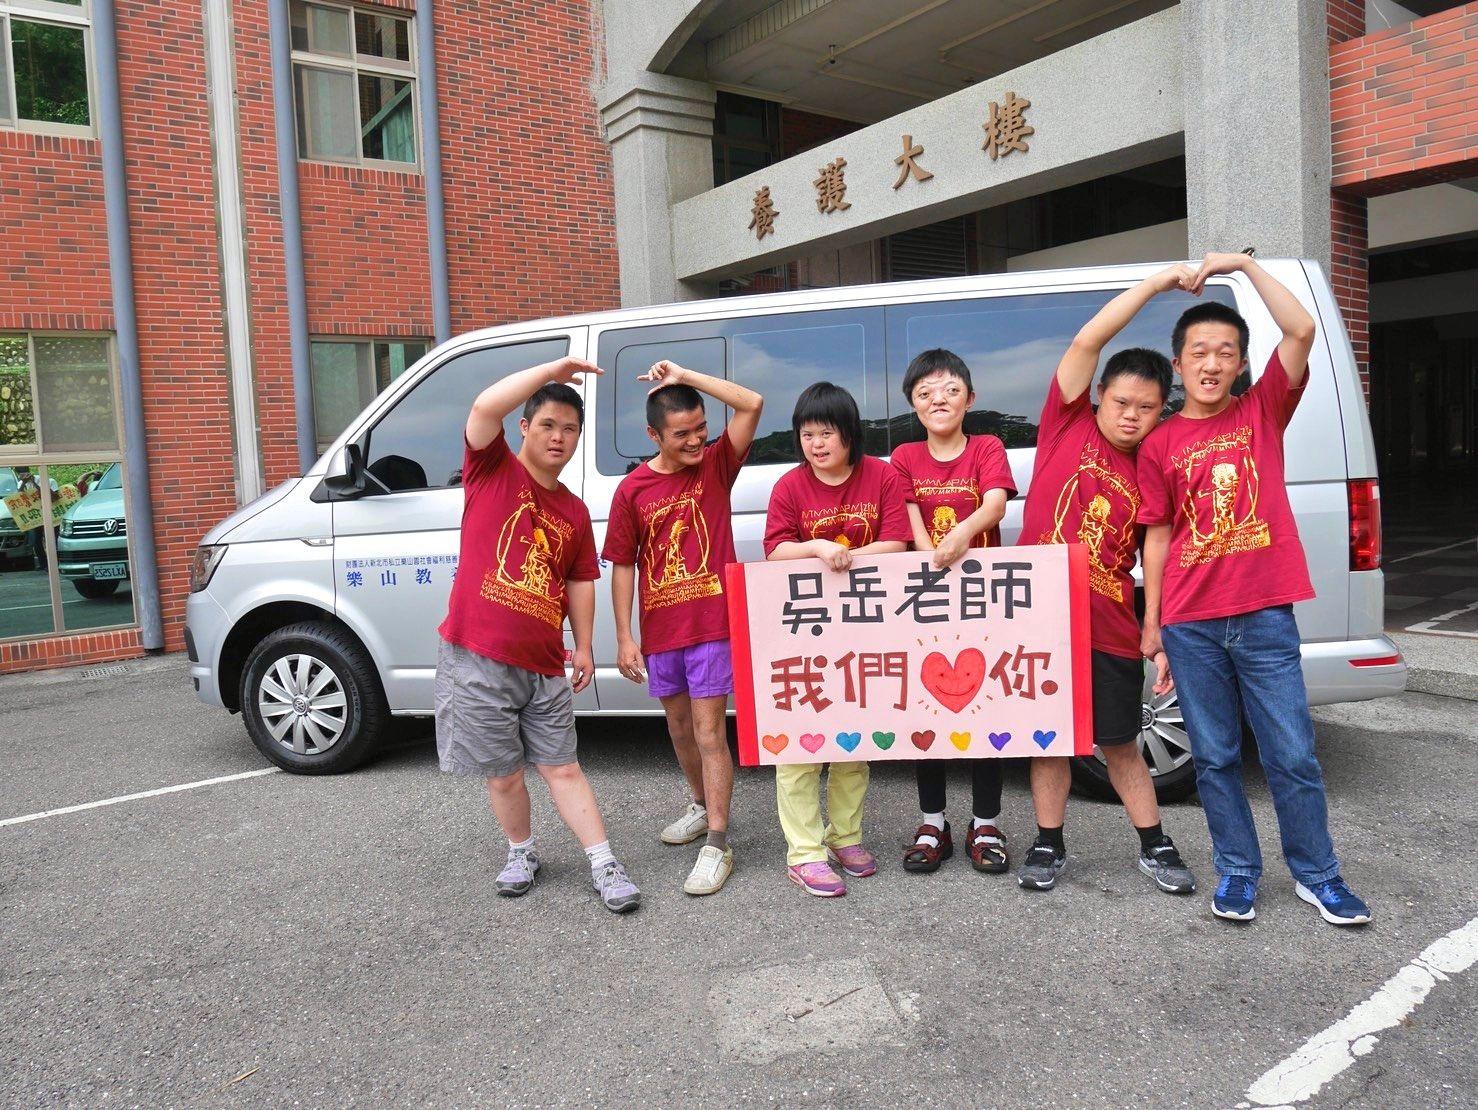 樂山教養院 (6).jpg